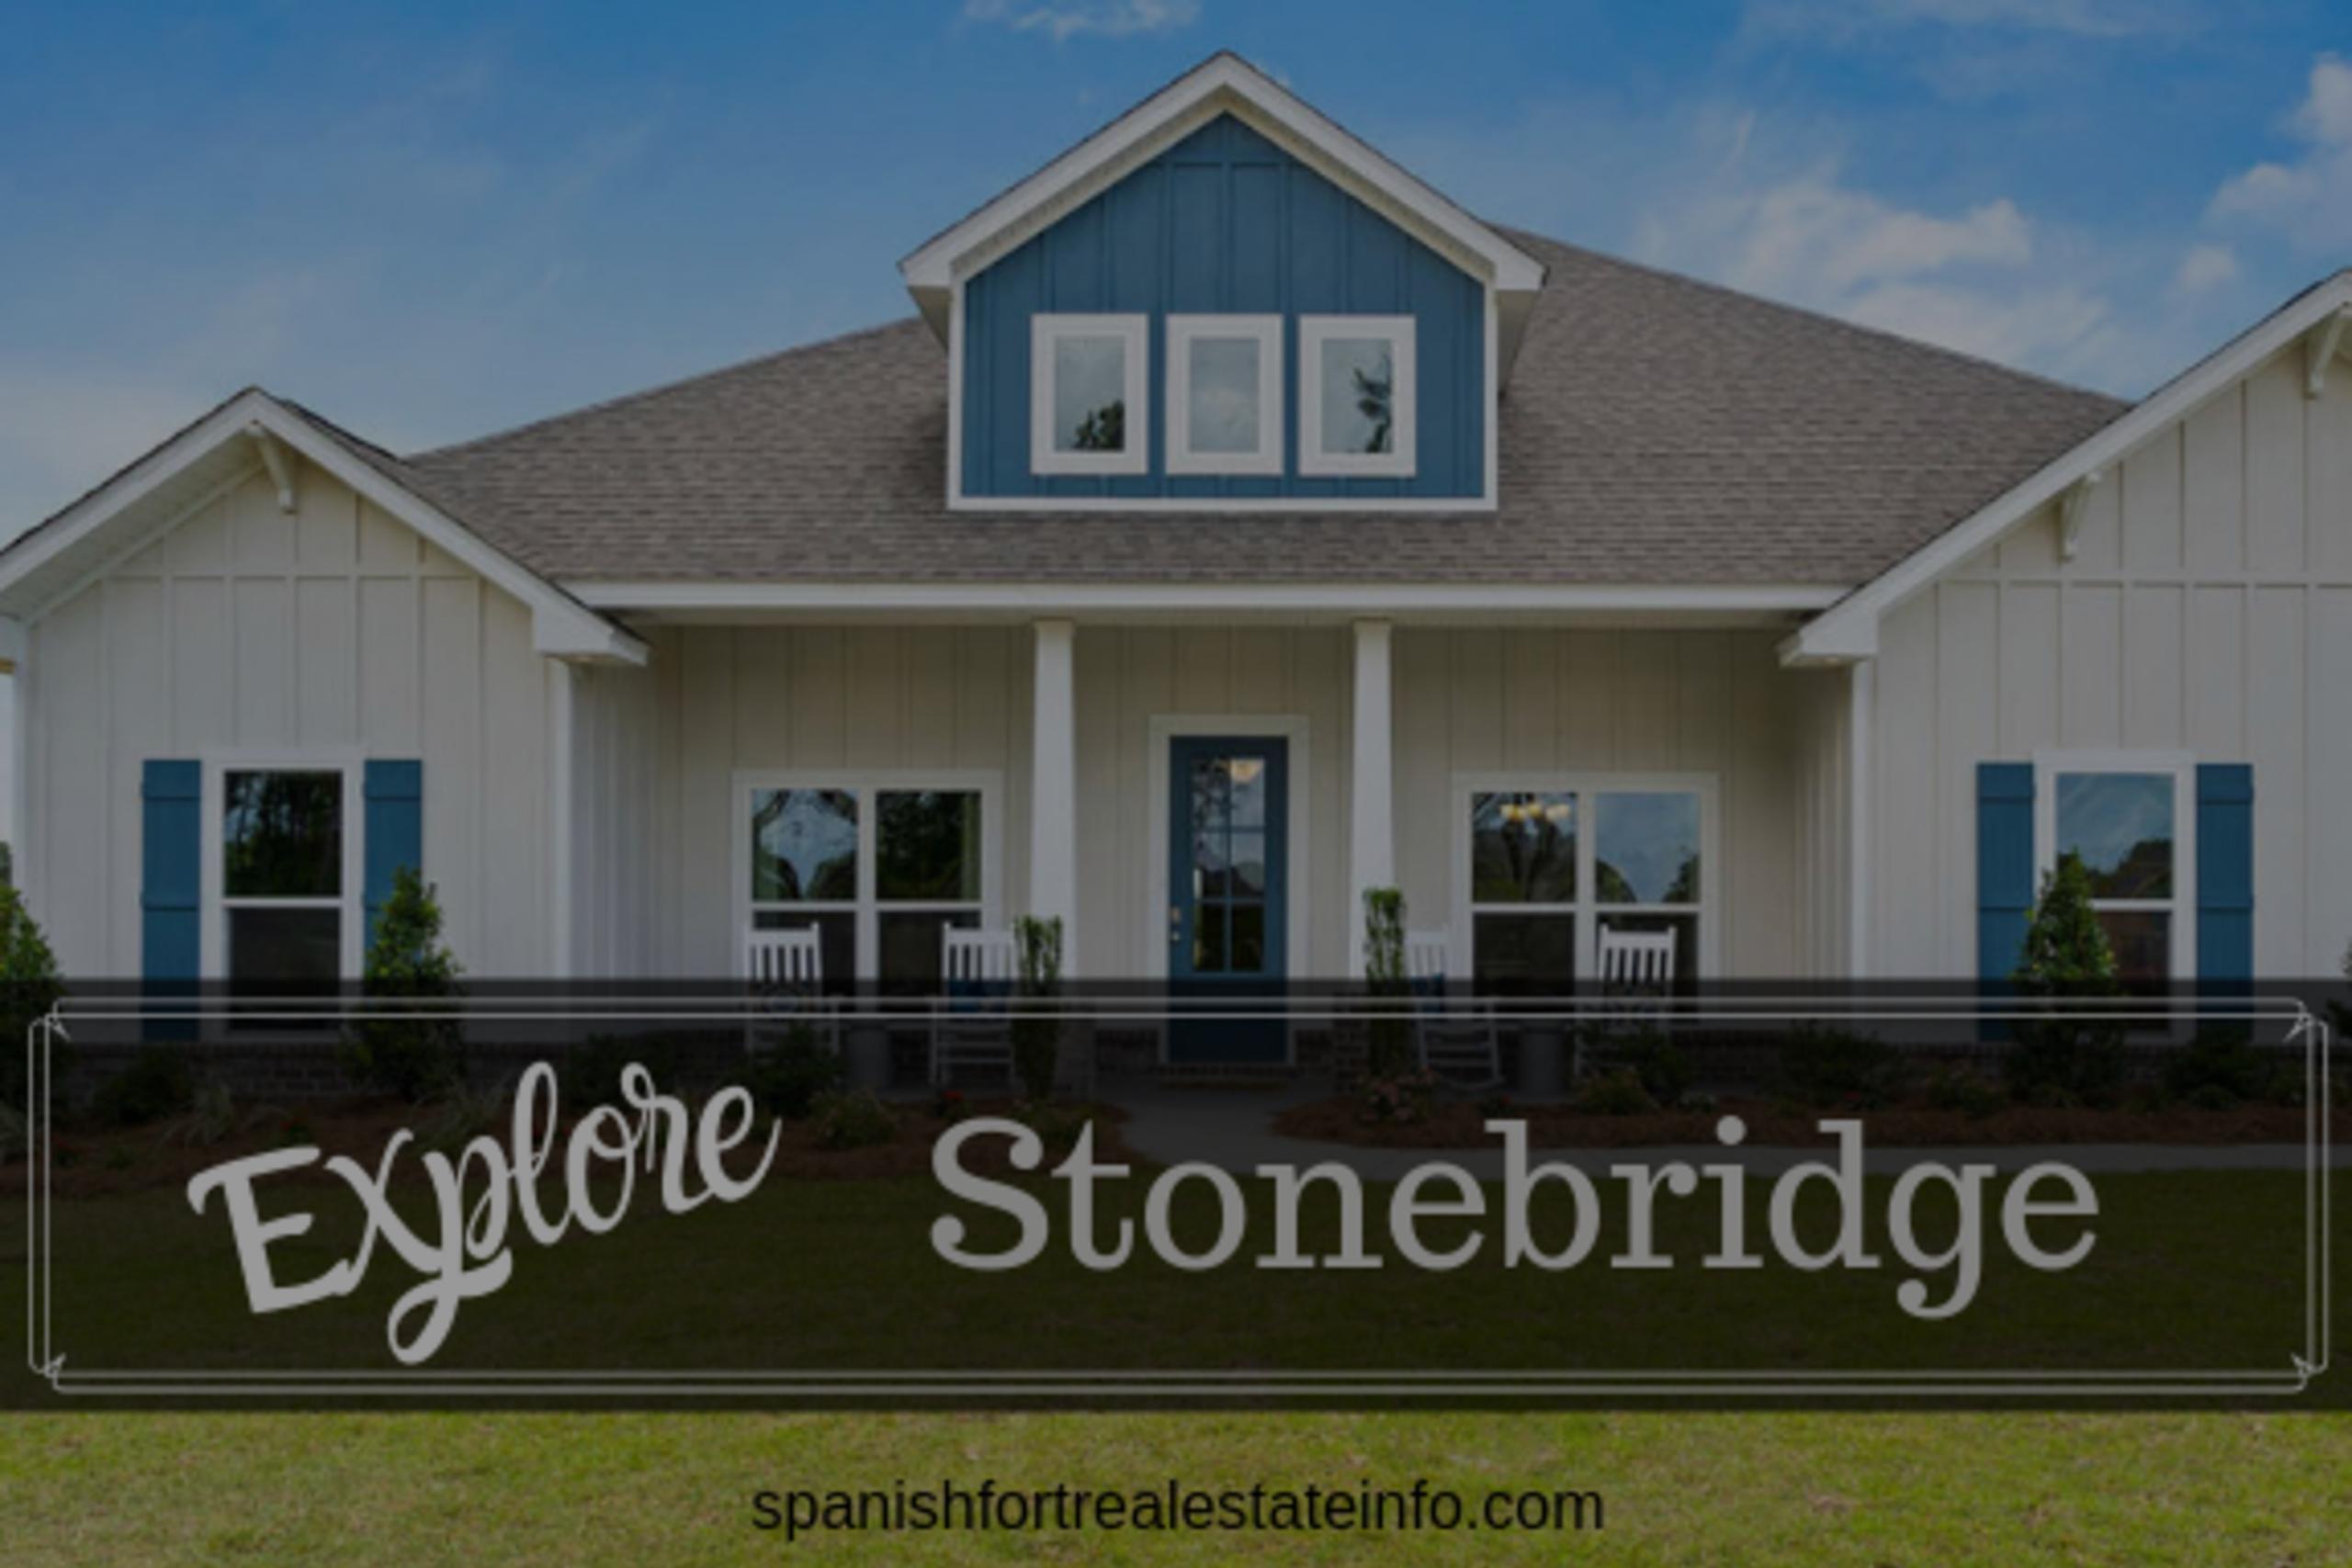 Explore Stonebridge